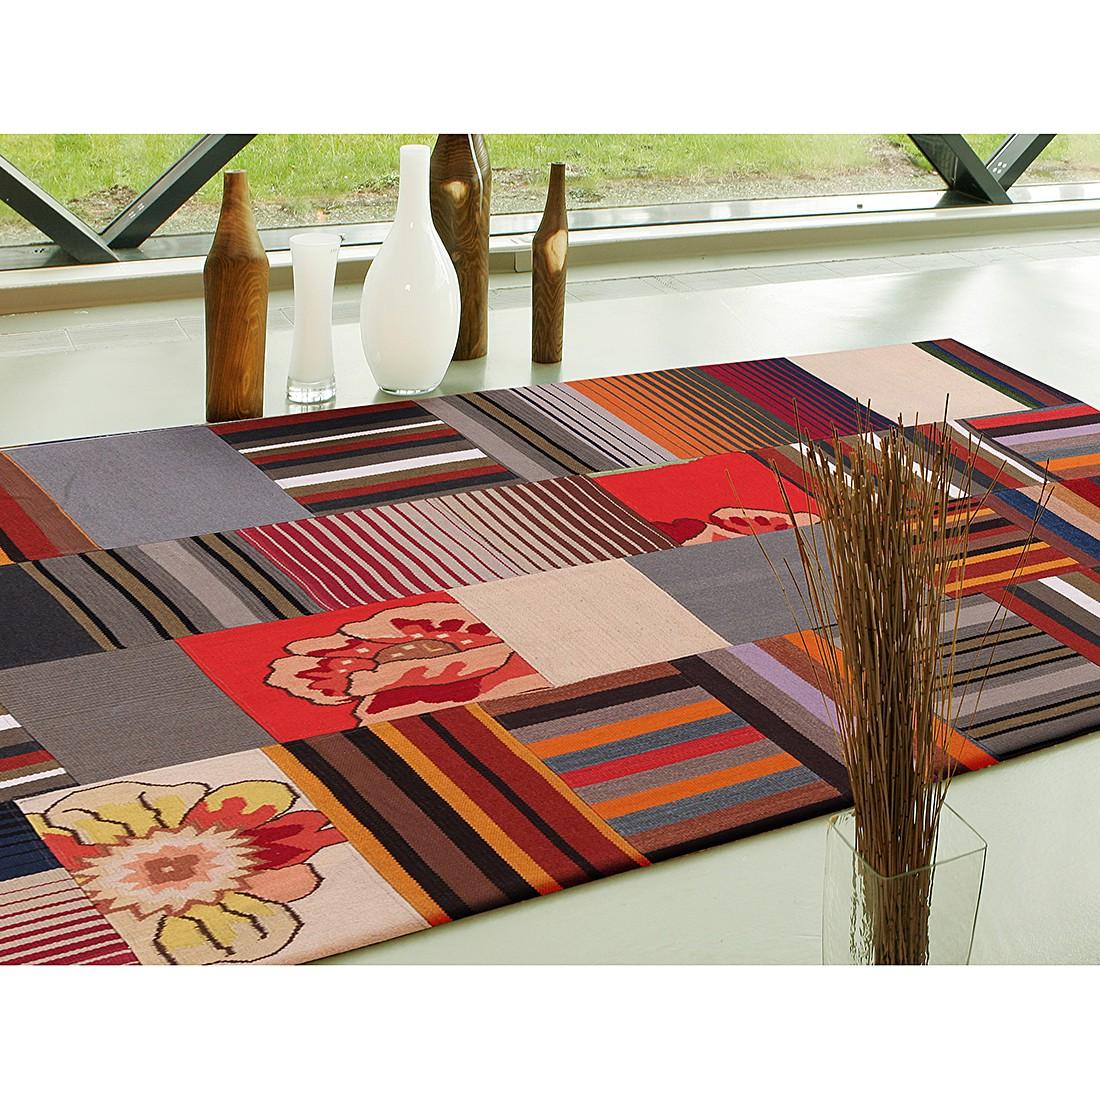 Teppich Mash Up – Wolle/Rot – 240 x 170 cm, Talis Teppiche jetzt kaufen